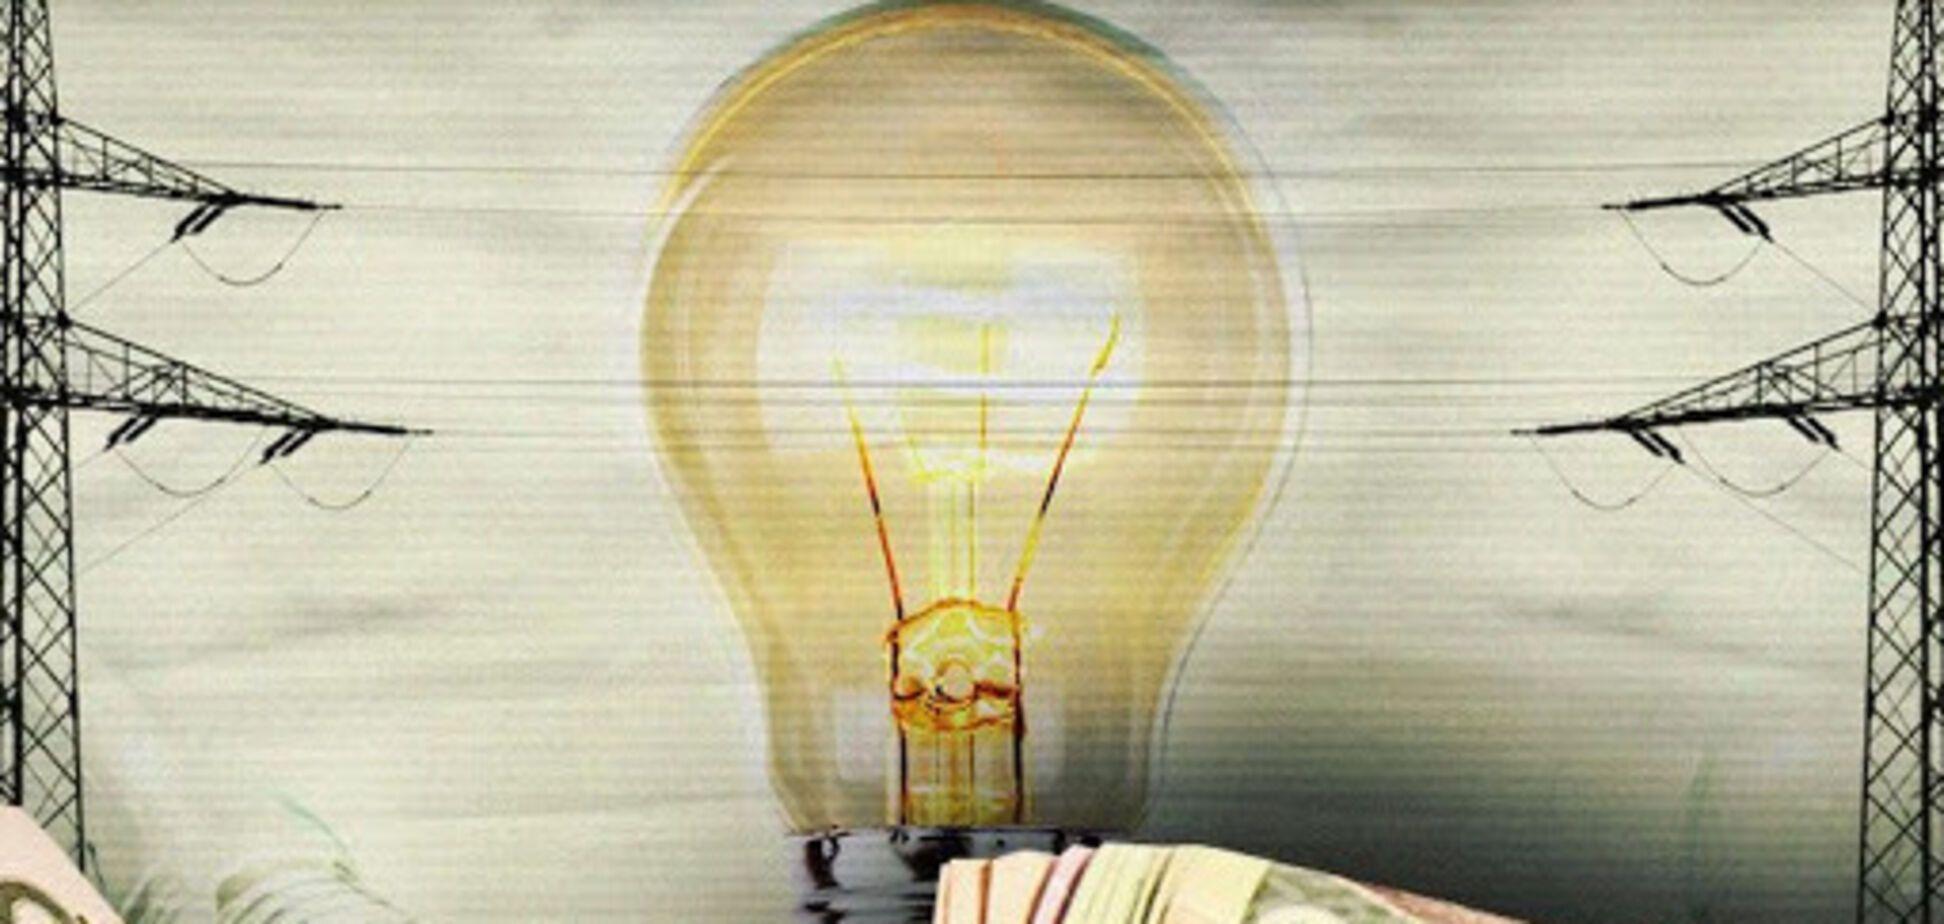 Ухвалена НКРЕКП методологія не дозволить залучати достатній об'єм інвестицій (фото: НТЦ 'Психея')